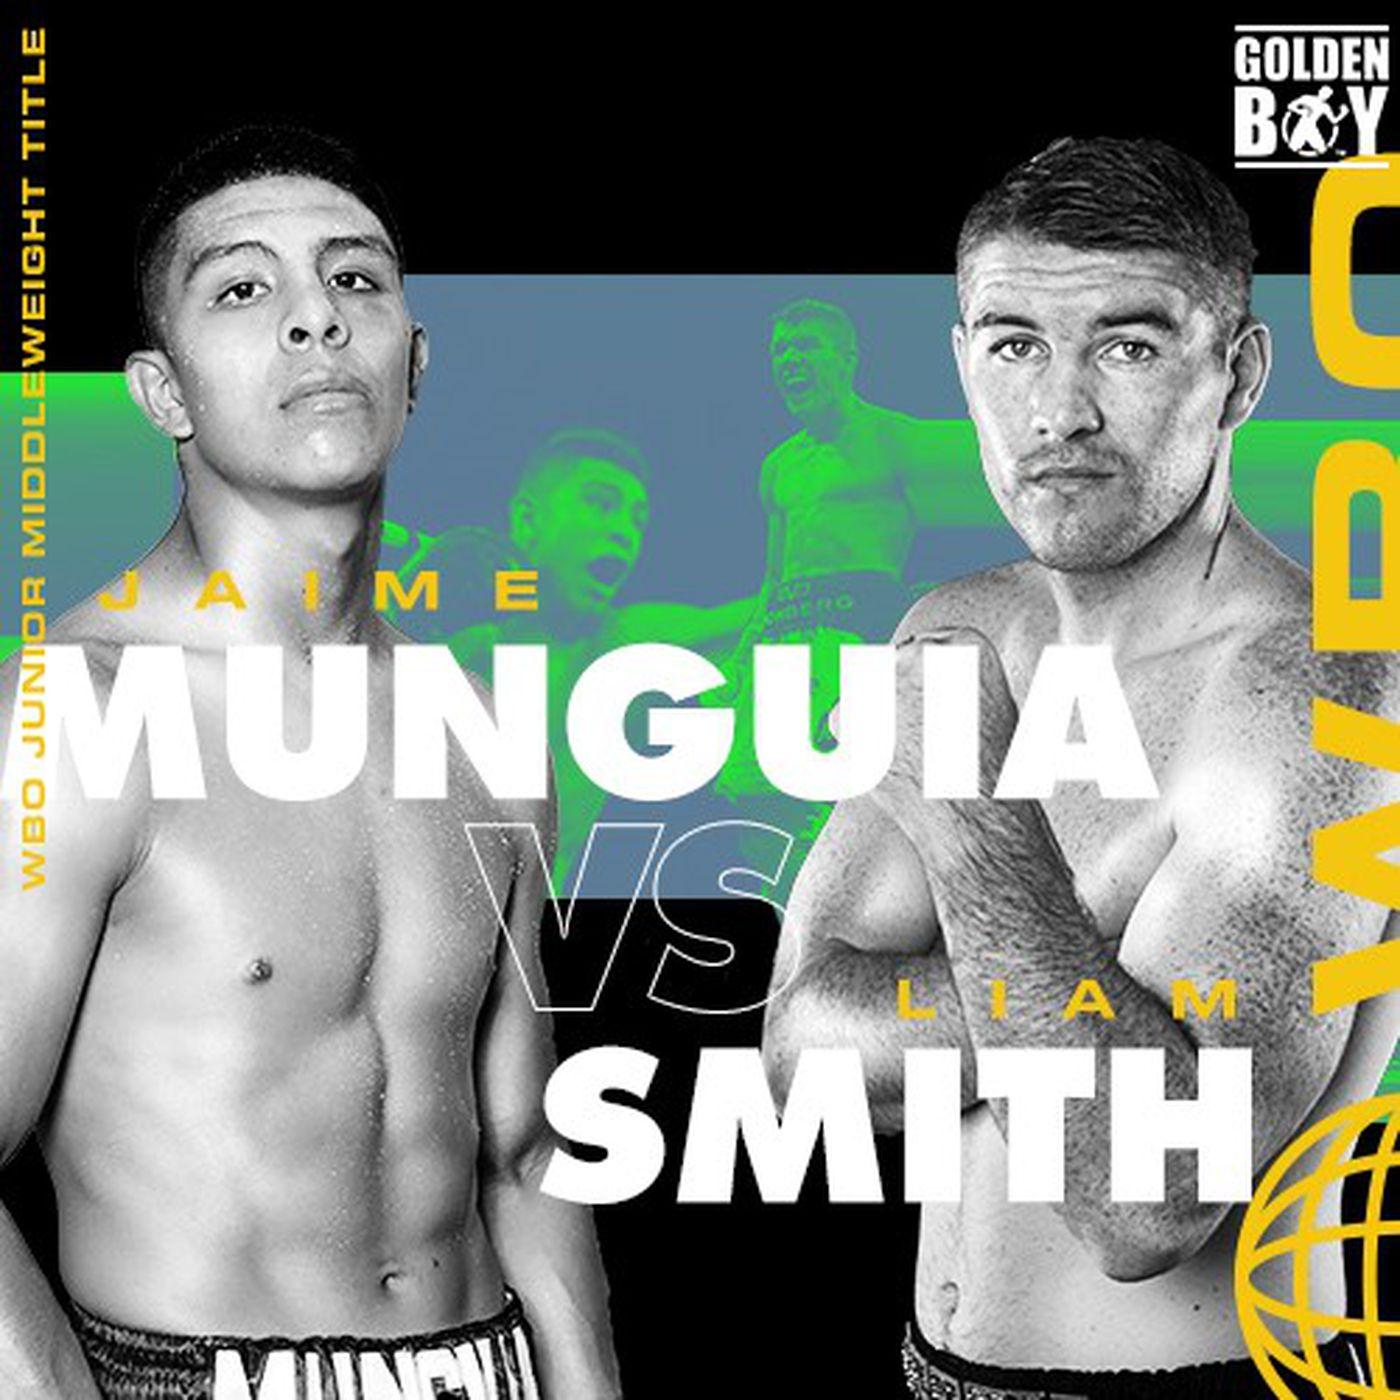 WBO世界スーパーウェルター級タイトルマッチ ハイメ・ムンギア(メキシコ)vs 1位リーアム・スミス(英)